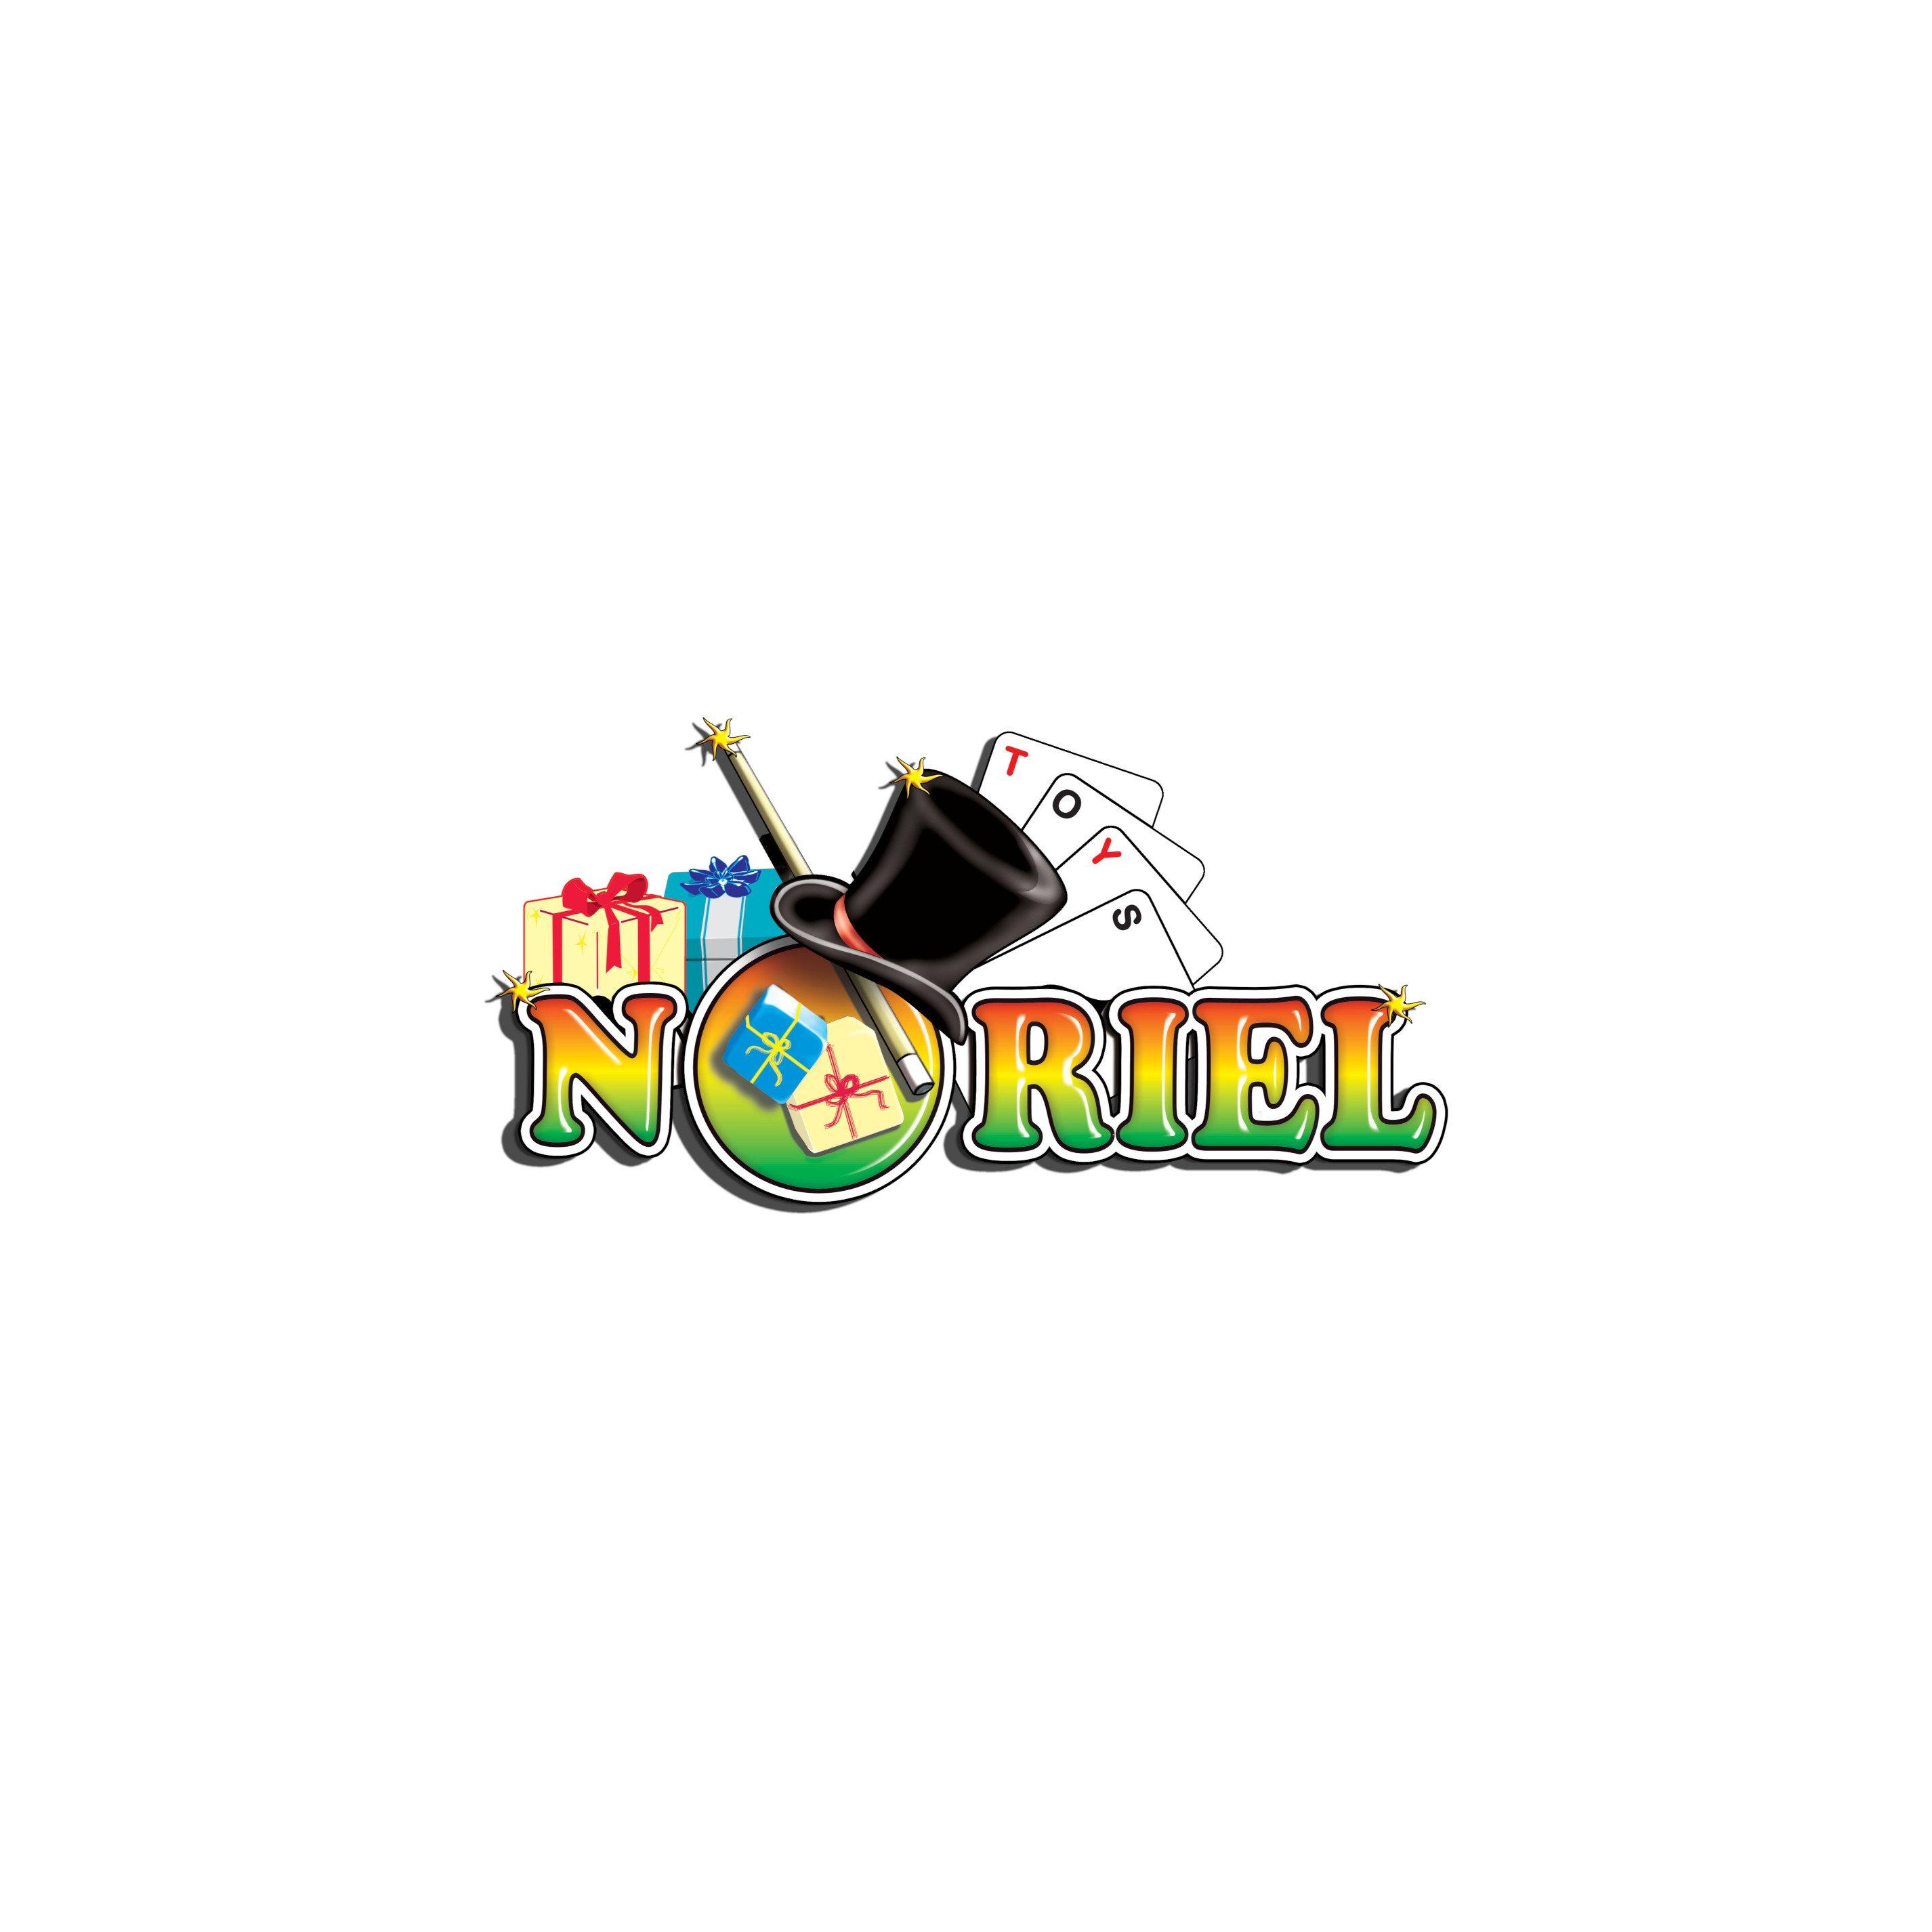 DWM28_2018_010w Trenulet Thomas & Friends Adventures, Luke, DXR87